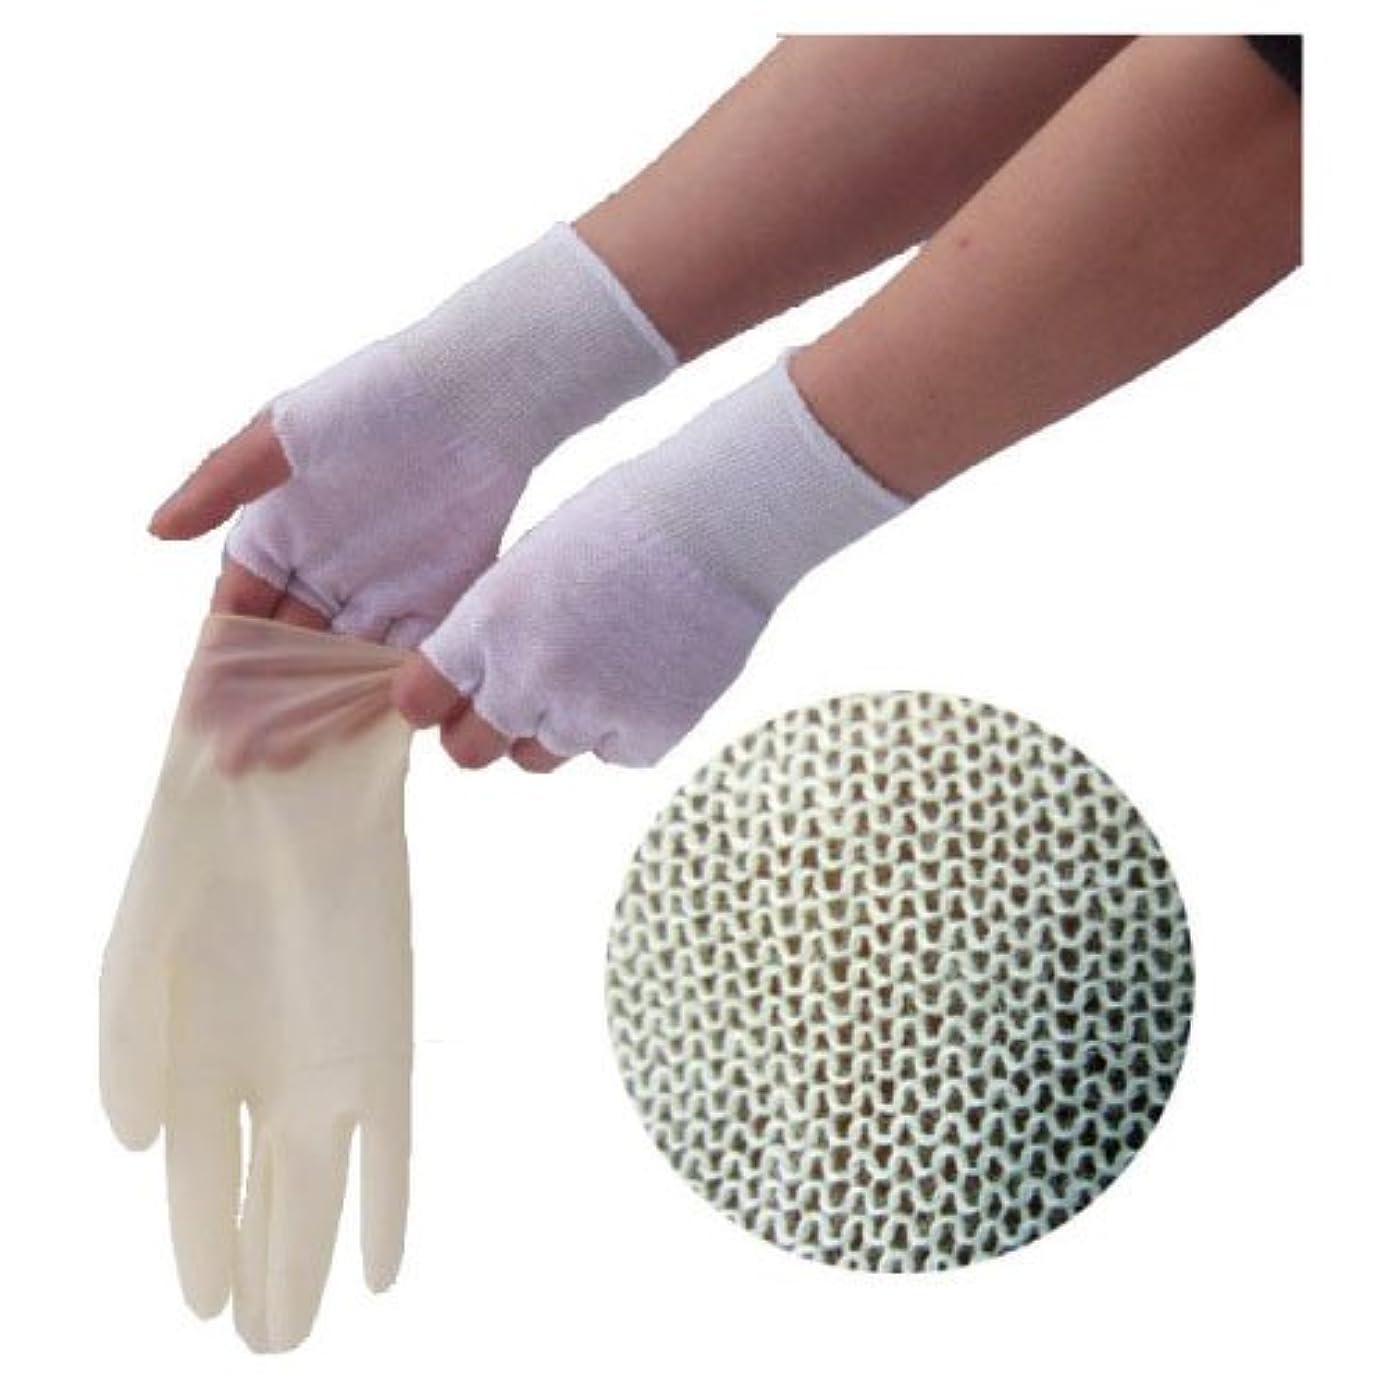 赤極地狂うやさしインナー手袋(指なし) GI01 フリー 材質:コットン